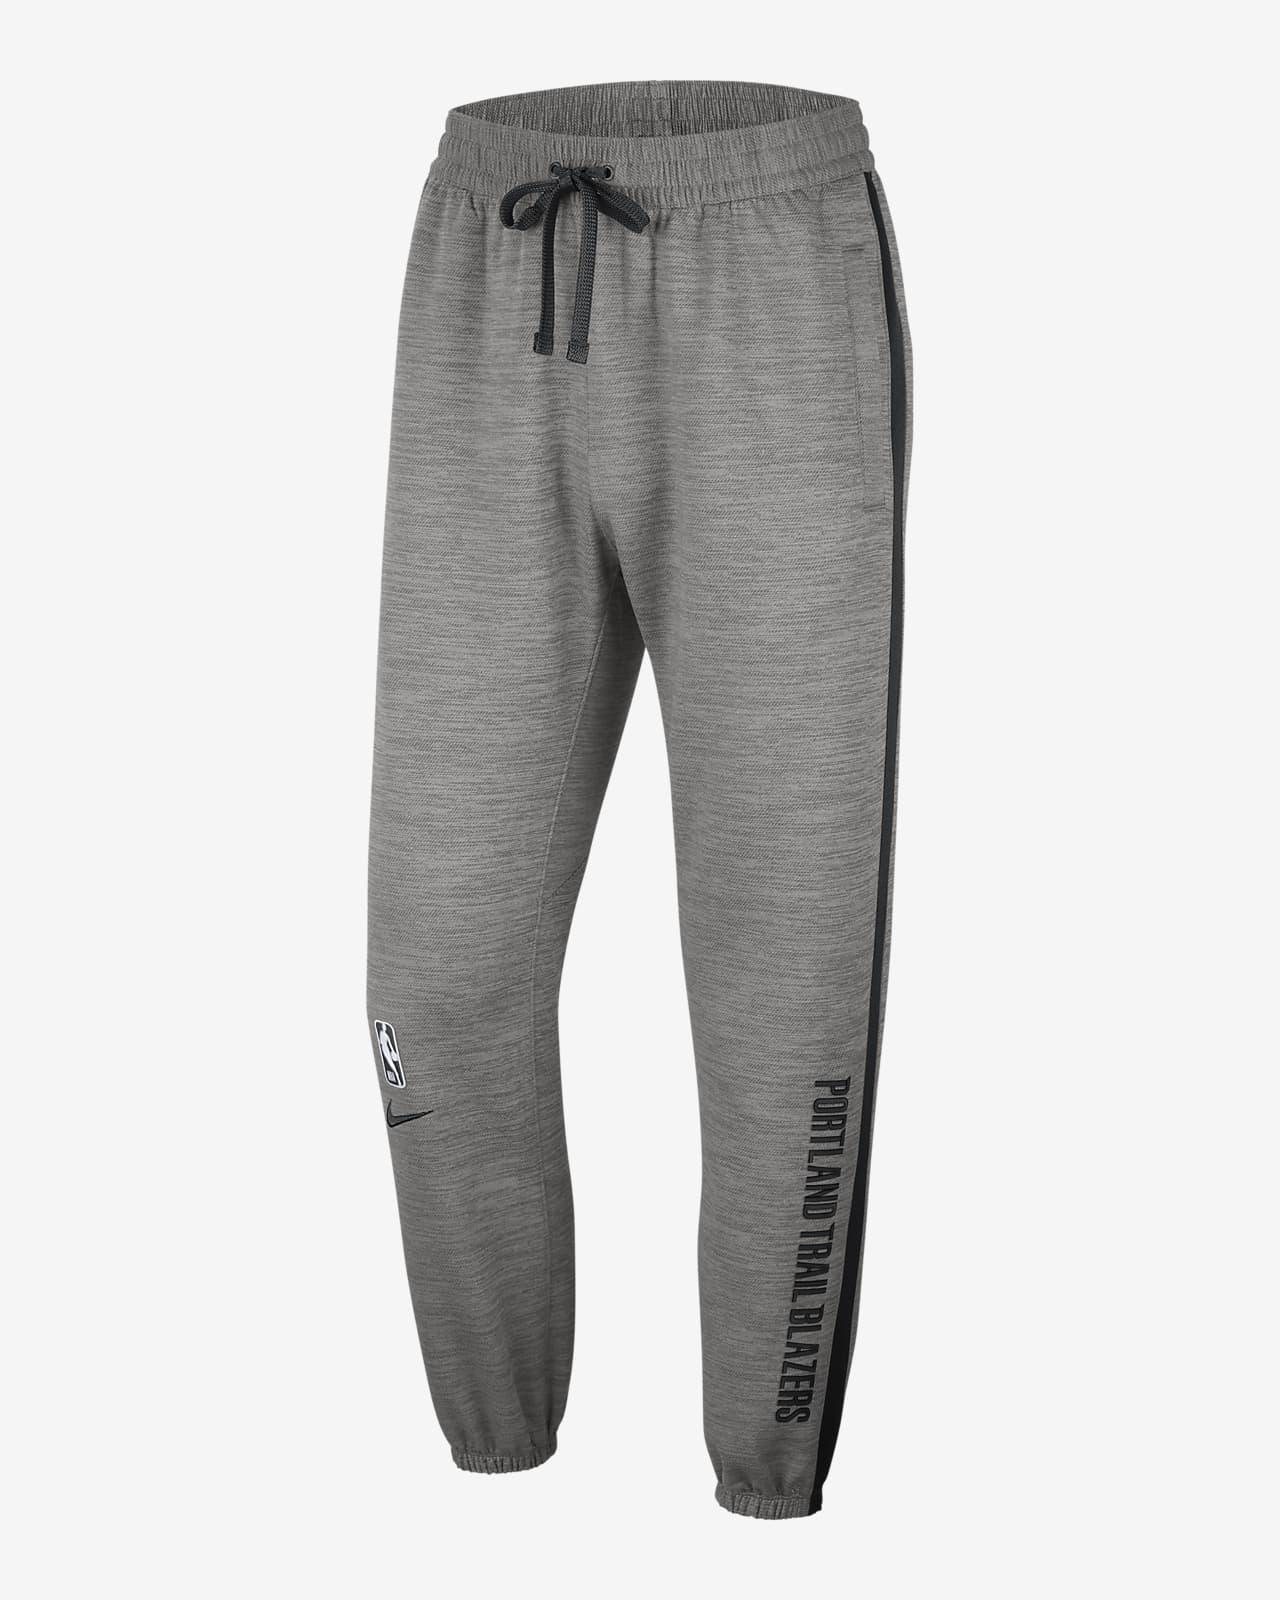 Portland Trail Blazers Showtime Men's Nike Therma Flex NBA Pants